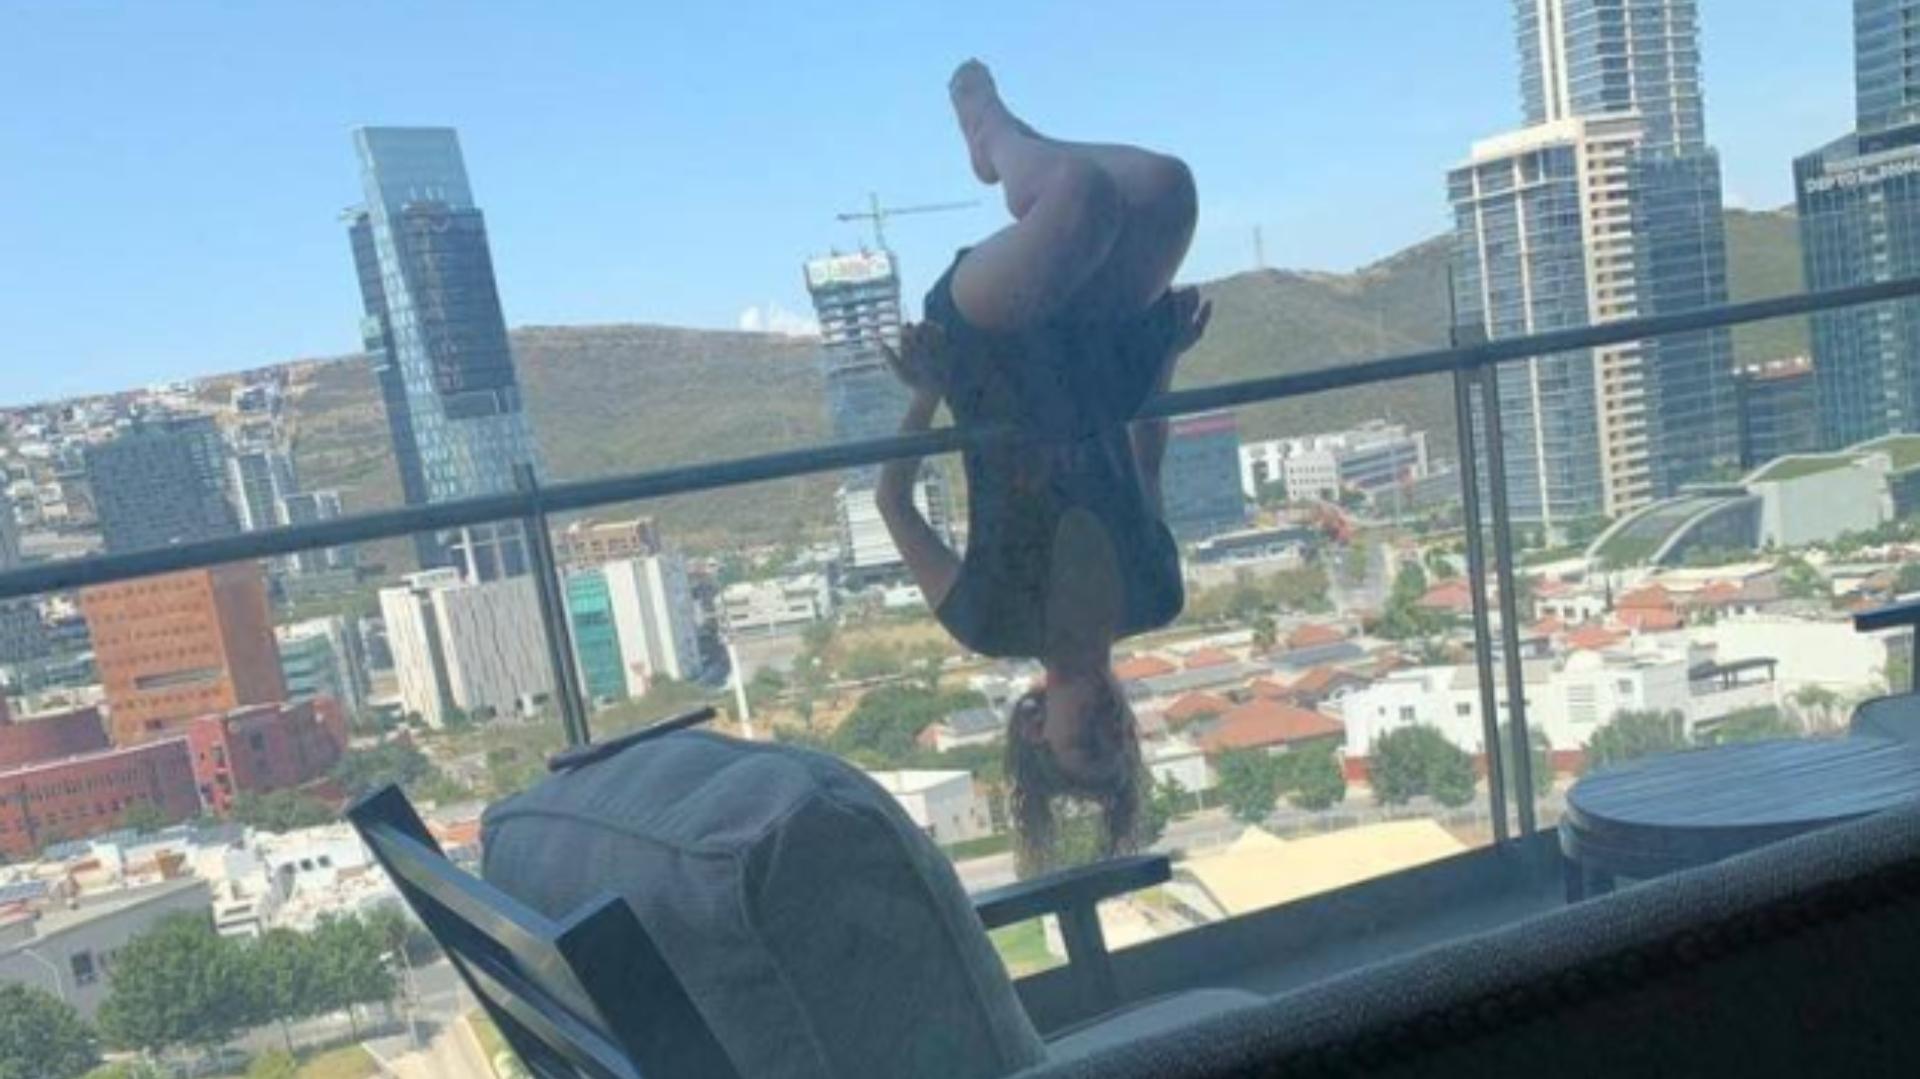 Joven Cayó 25 Metros Mientras Realizaba Yoga En Un Balcón Y